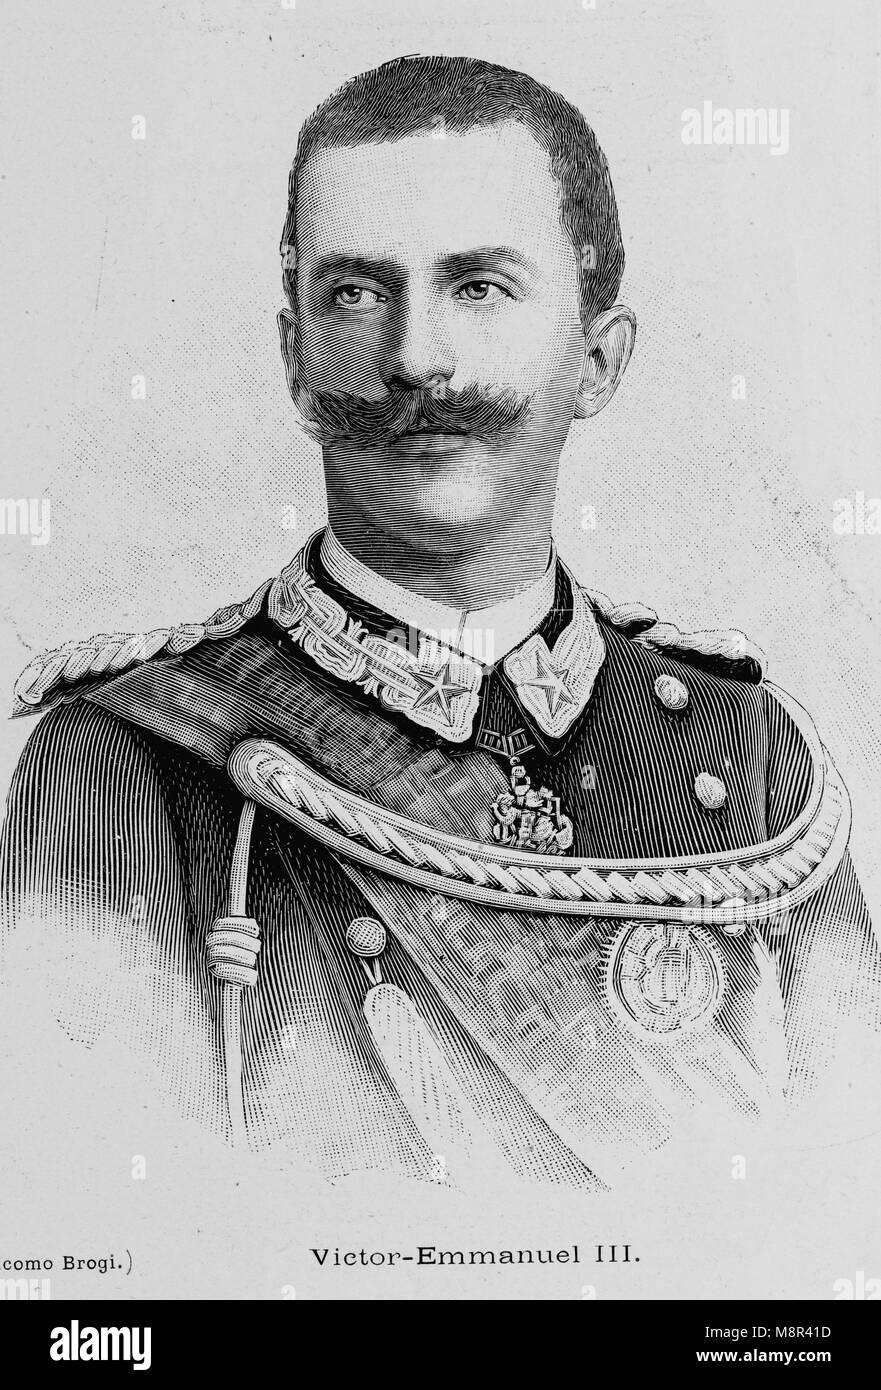 Il re Vittorio Emanuele III d'Italia, immagine dal settimanale francese quotidiano l'illustrazione, 4 Agosto Immagini Stock